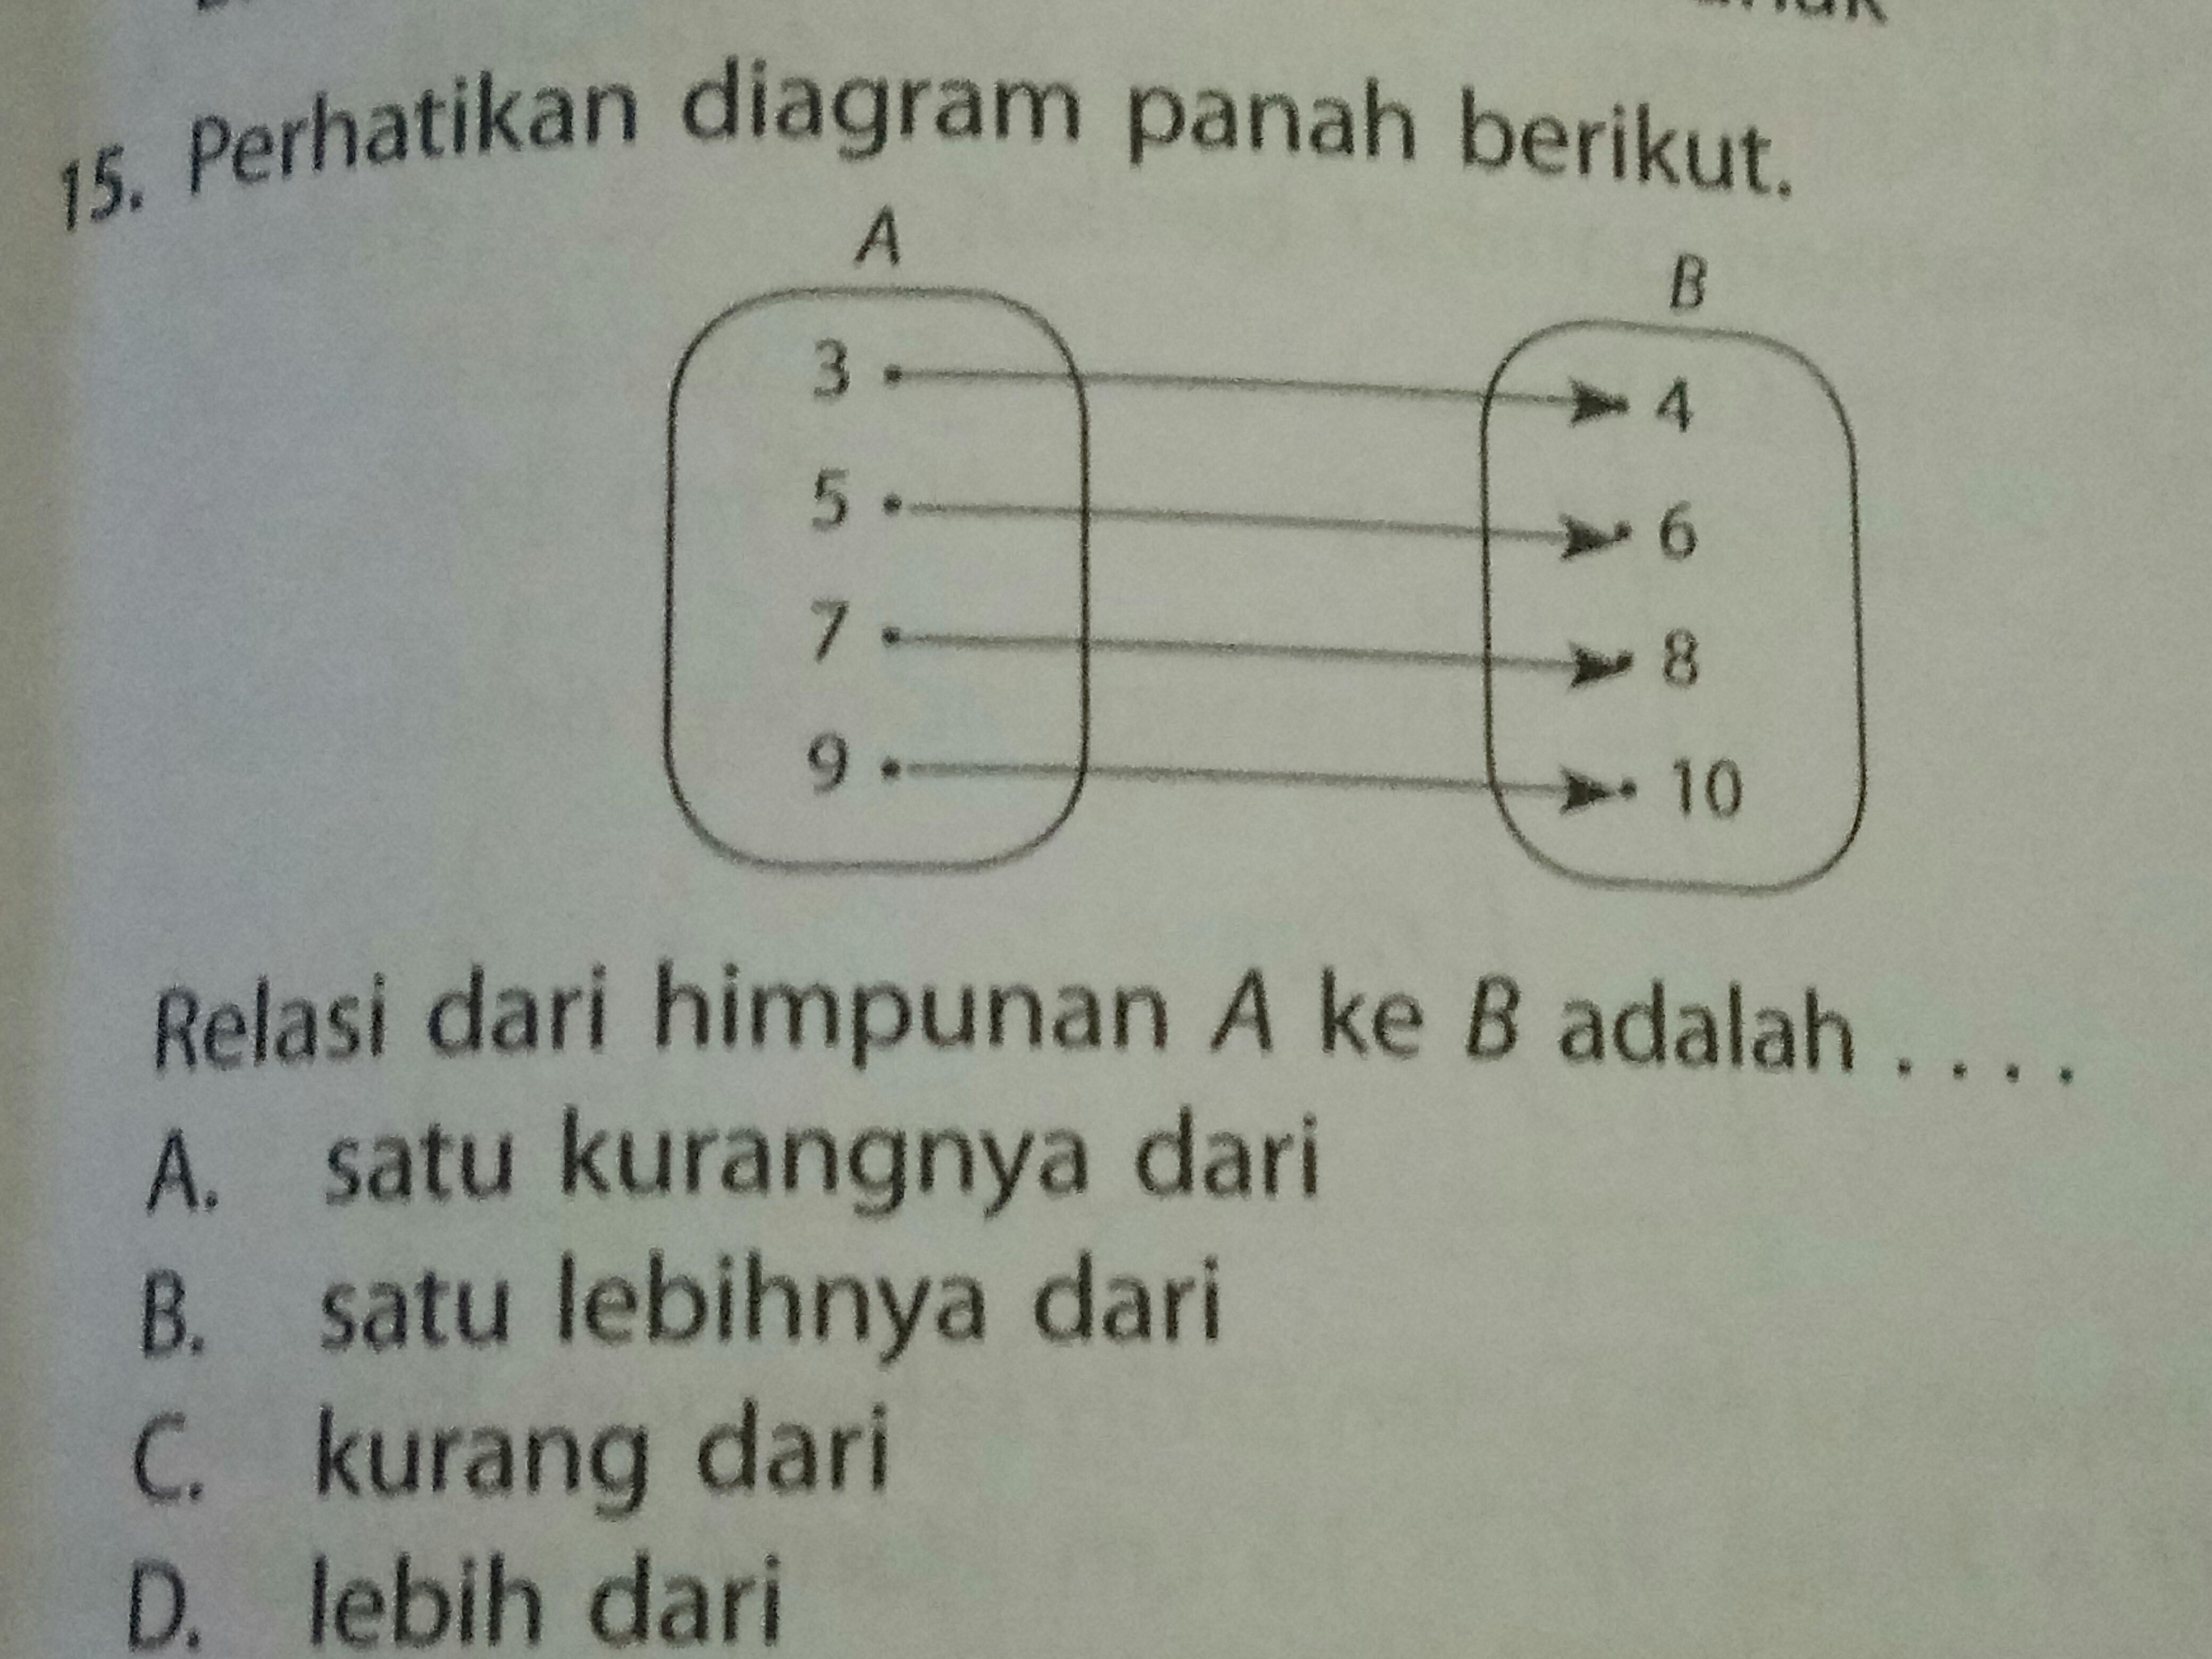 Perhatikan diagram panah berikut brainly perhatikan diagram panah berikut ccuart Images